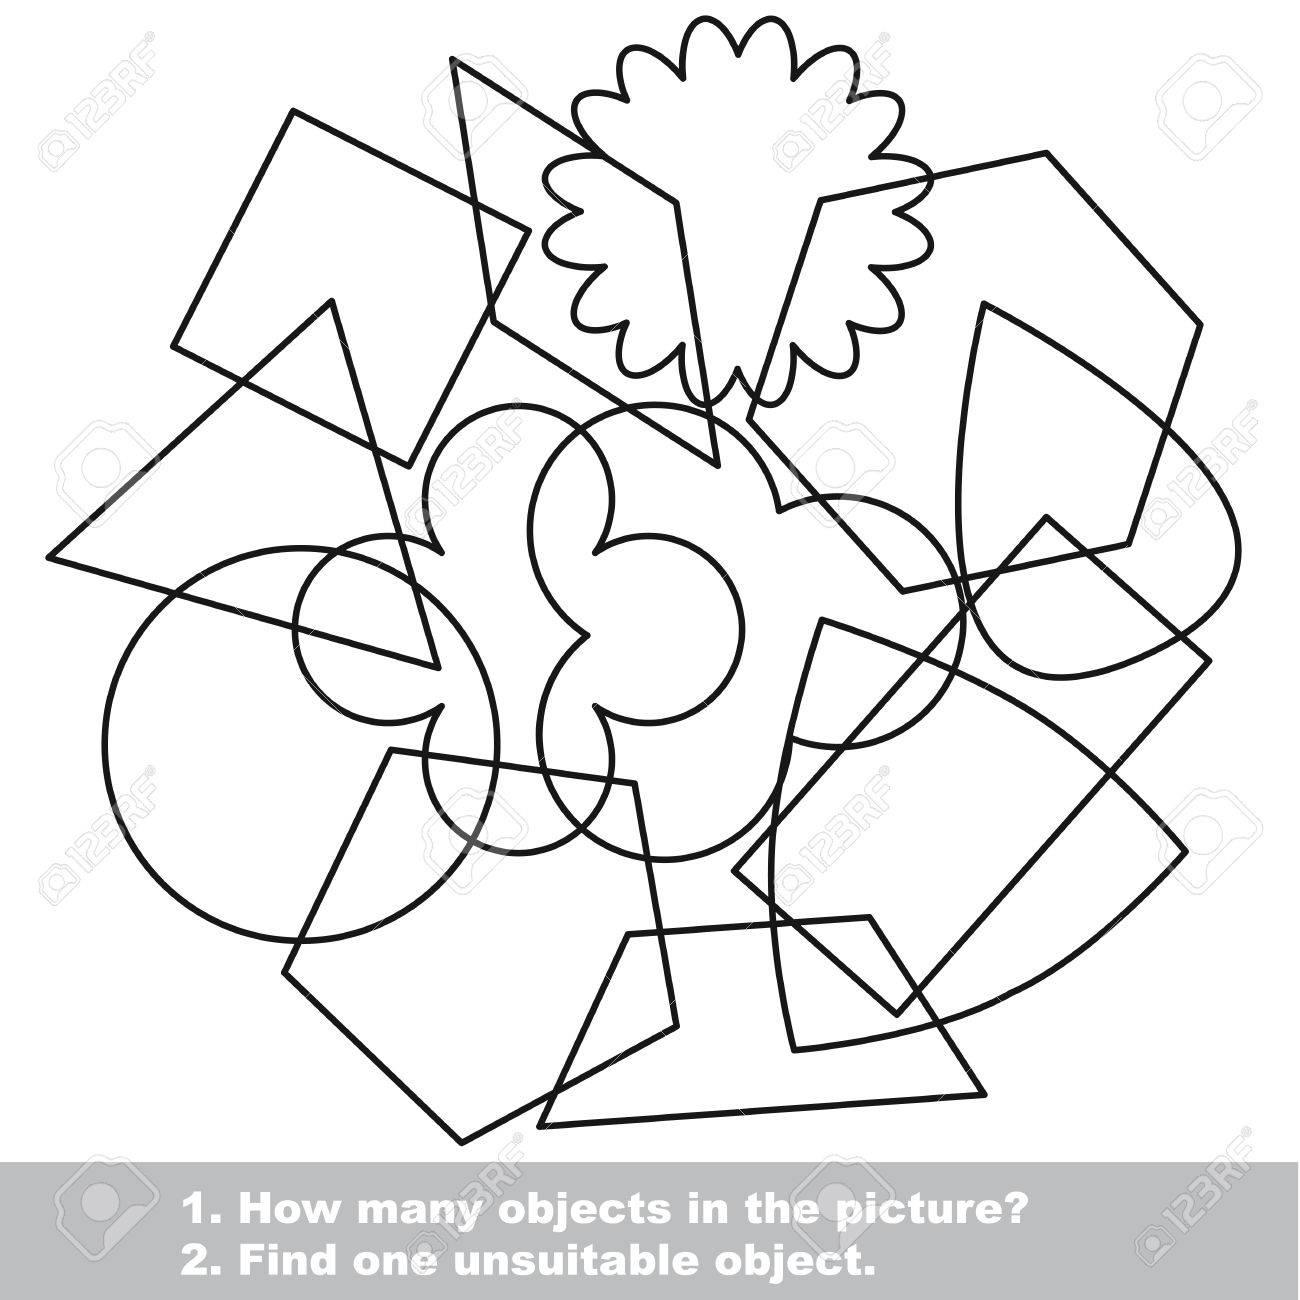 Formas Geométricas Simples Mishmash Establecen En El Vector Se Indica A Colorear Encuentra Todos Los Objetos Ocultos En La Imagen Juego Visual Para